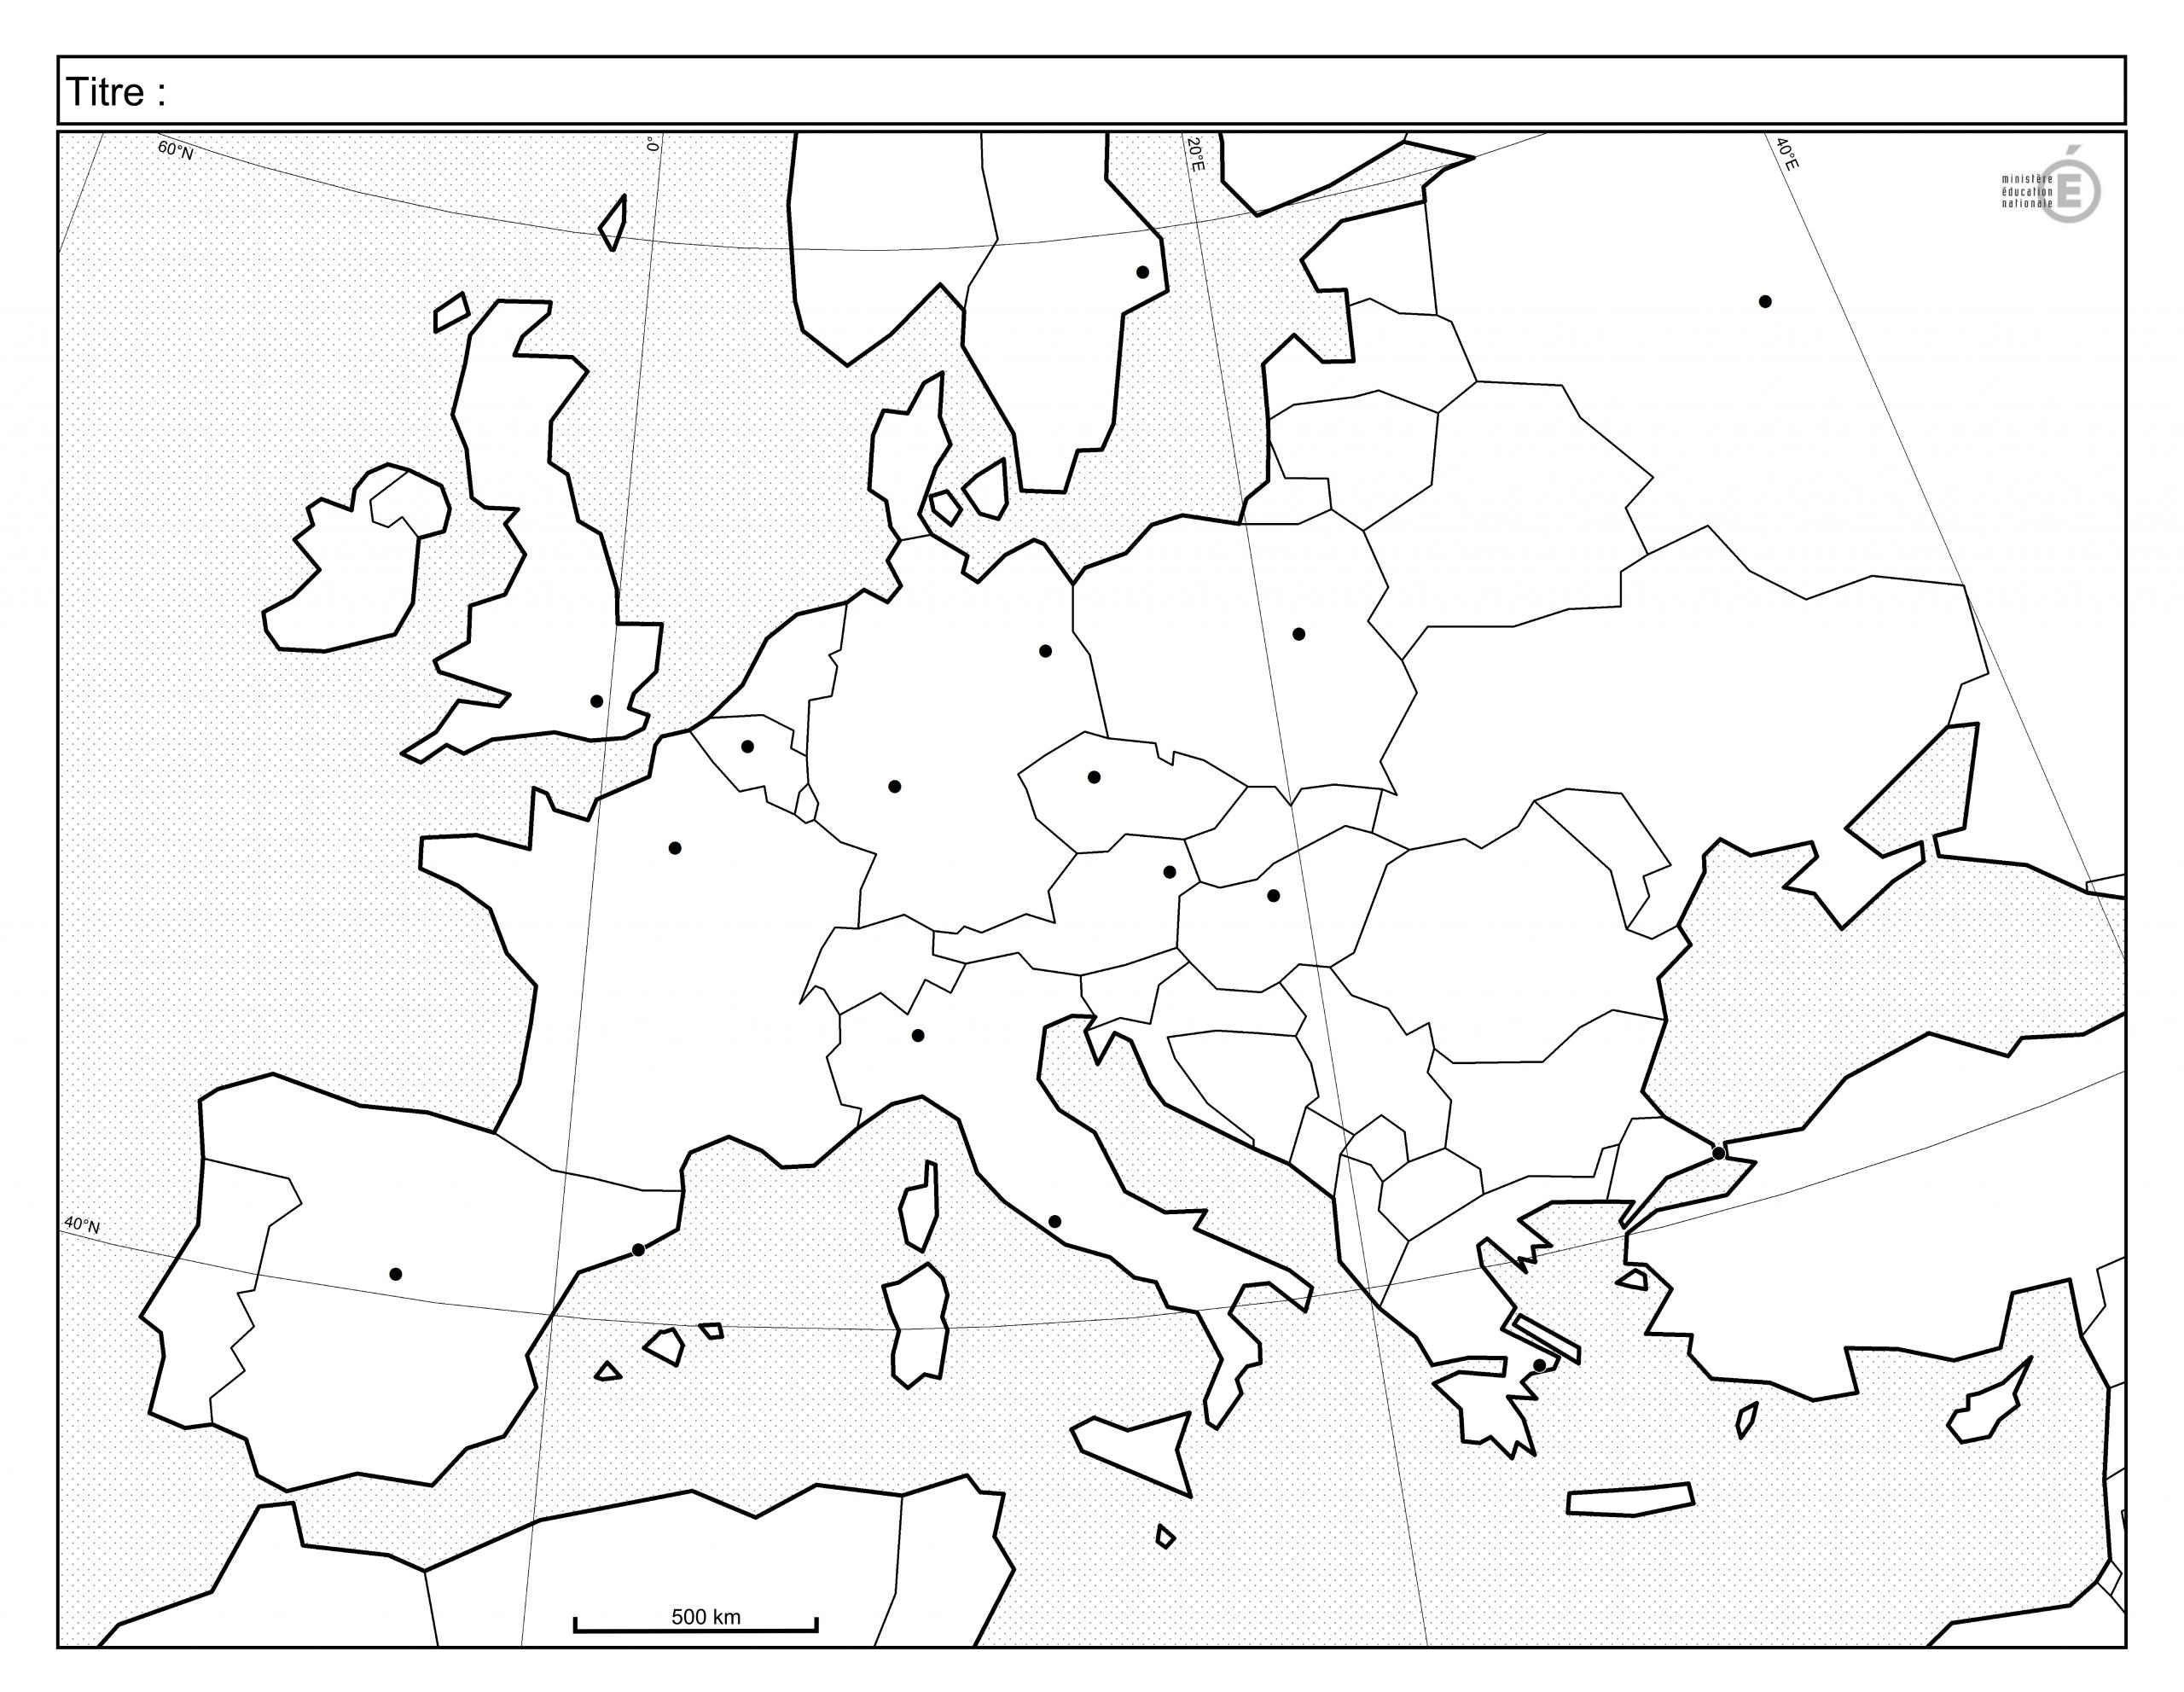 Fonds De Carte - Histoire-Géographie - Éduscol intérieur Fond De Carte France Fleuves